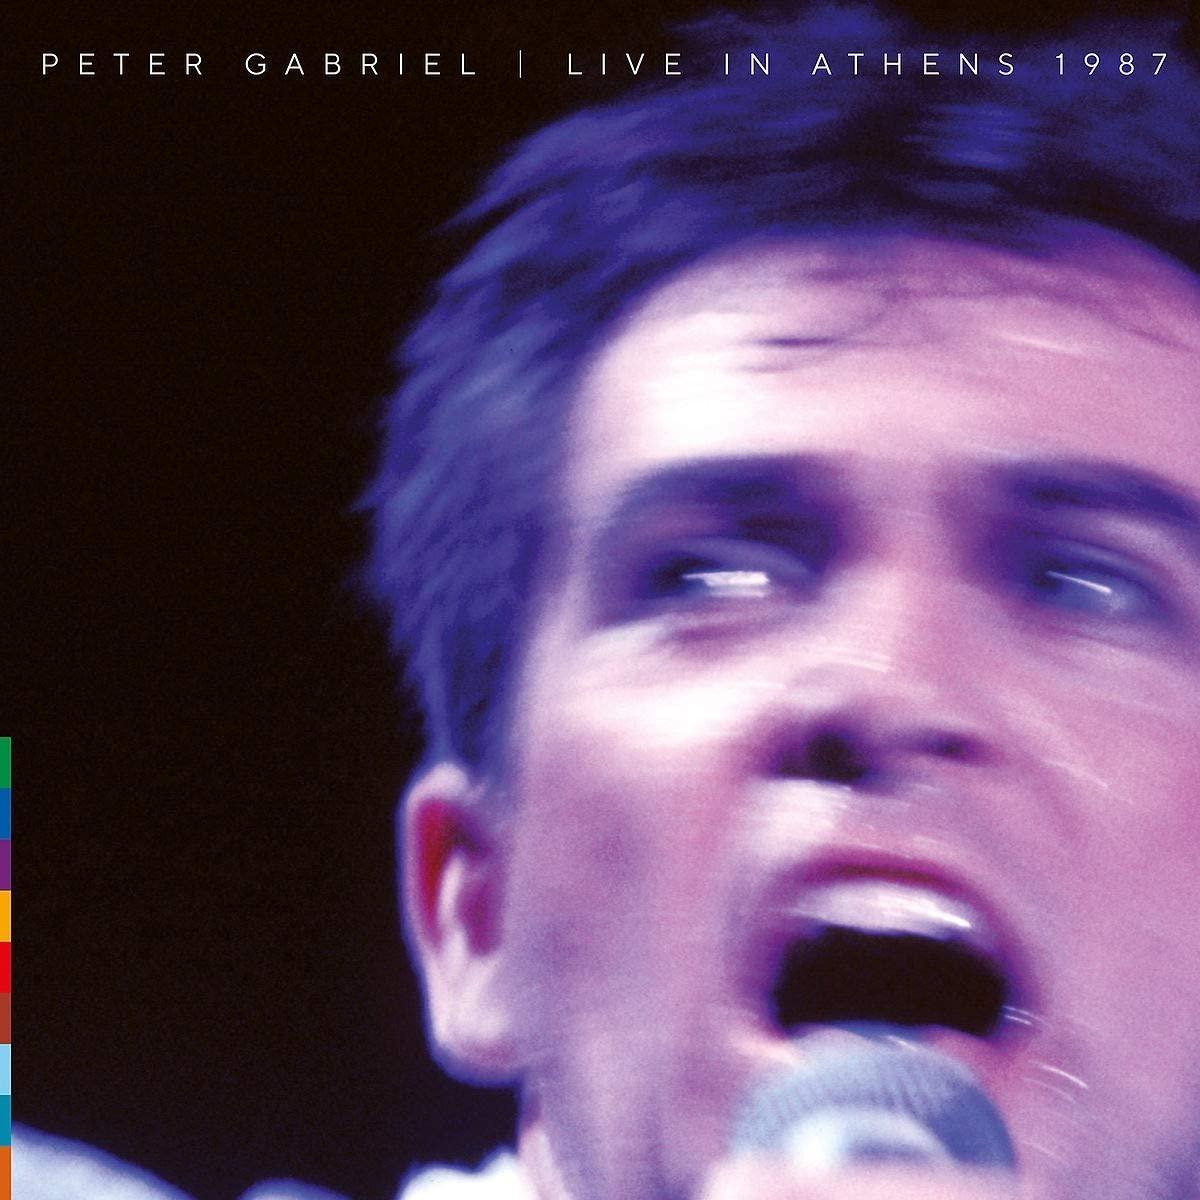 Copertina Vinile 33 giri Live In Athens 1987 di Peter Gabriel